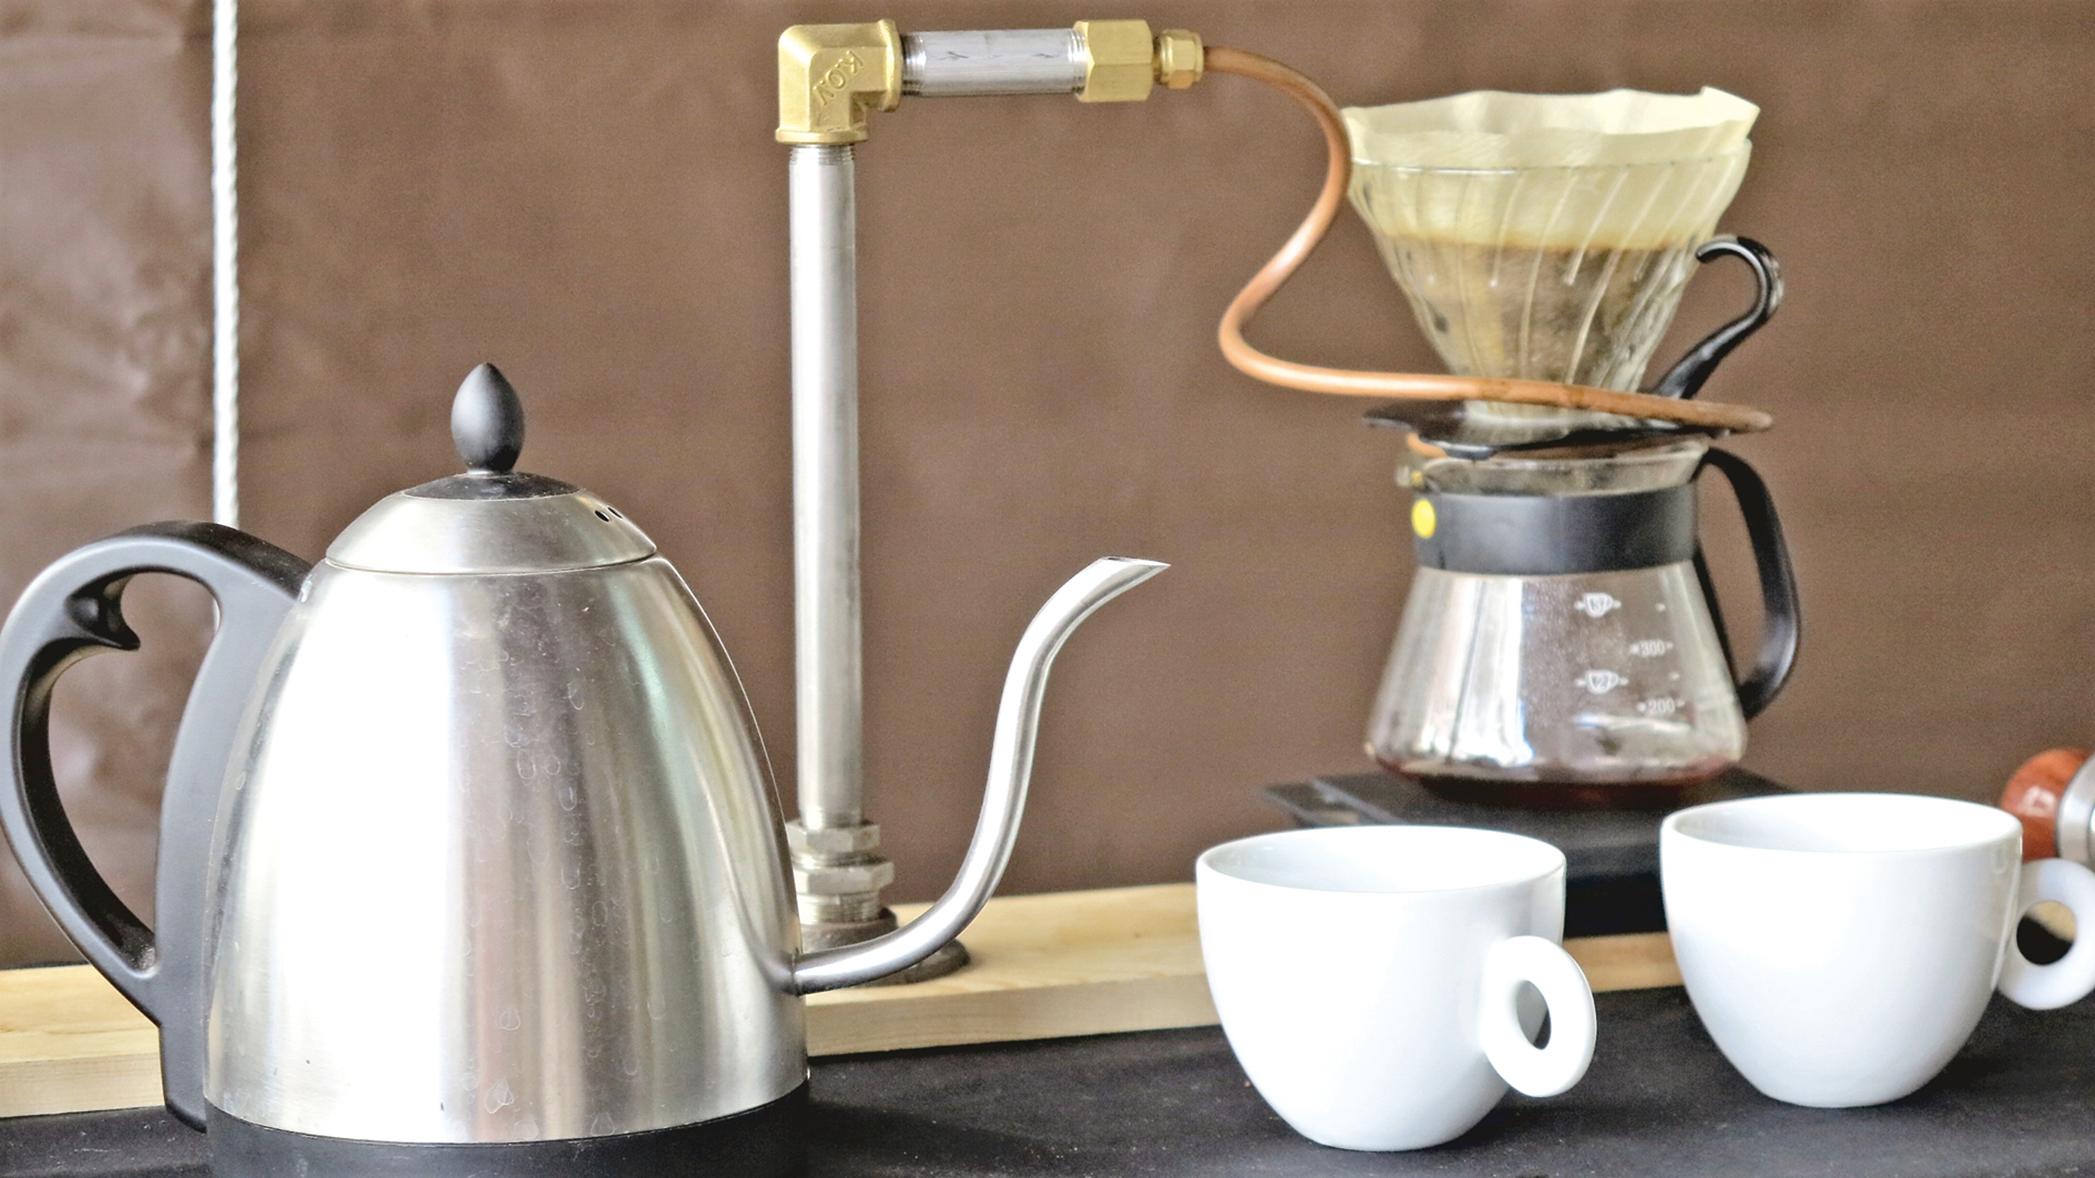 手沖咖啡壺都有一個細細的長壺嘴,可以讓注入咖啡粉的水量保持細小均勻。